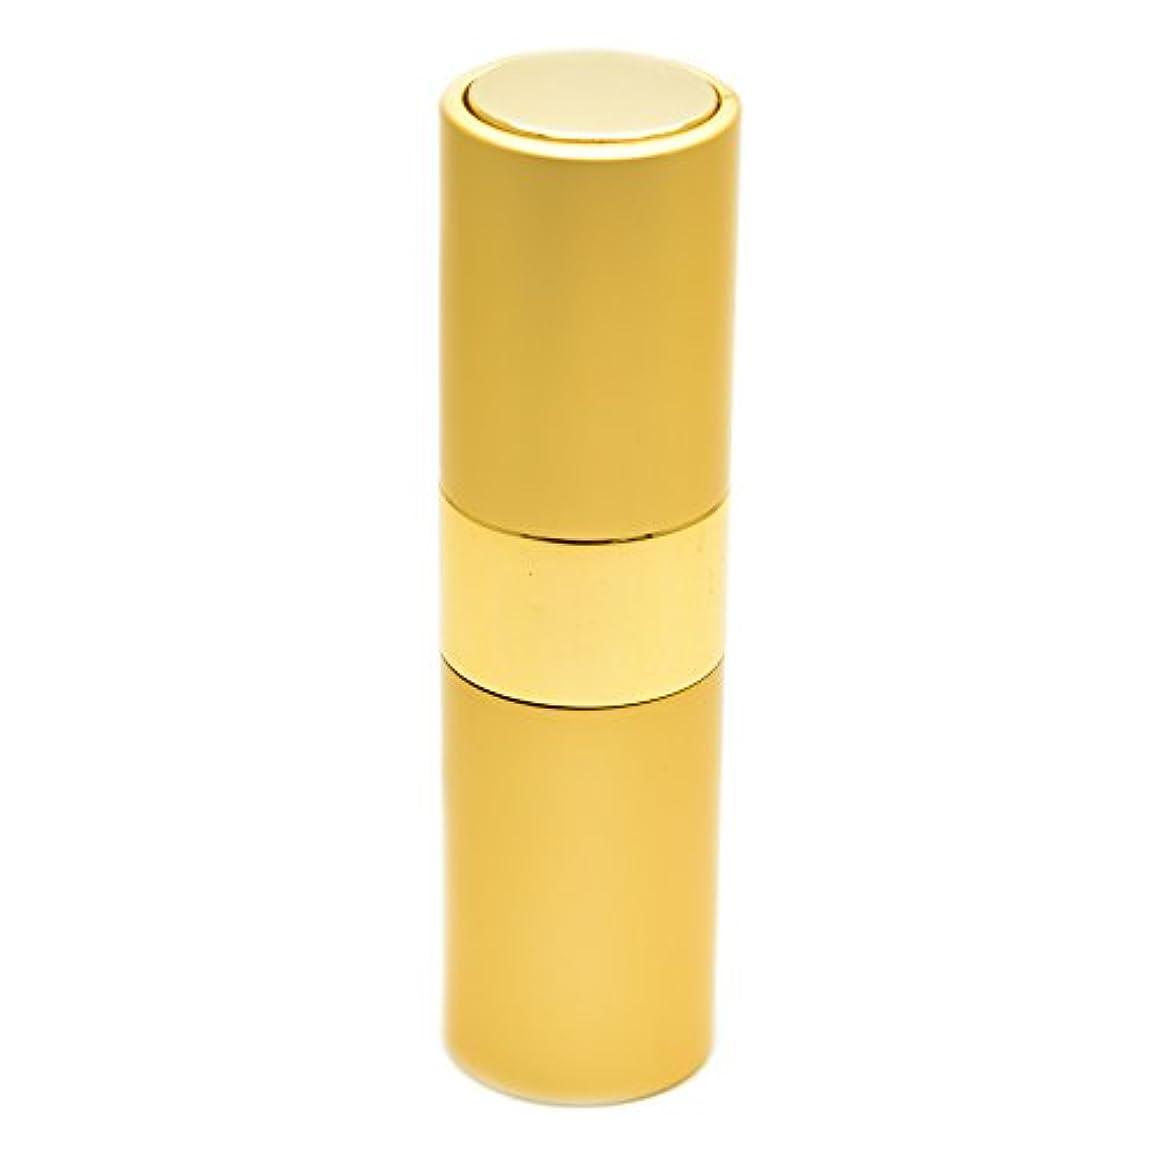 著作権保全情緒的Prilliant 香水 アトマイザー プッシュ式 詰め替え 携帯便利 オシャレ 容量15ml (ゴールド)